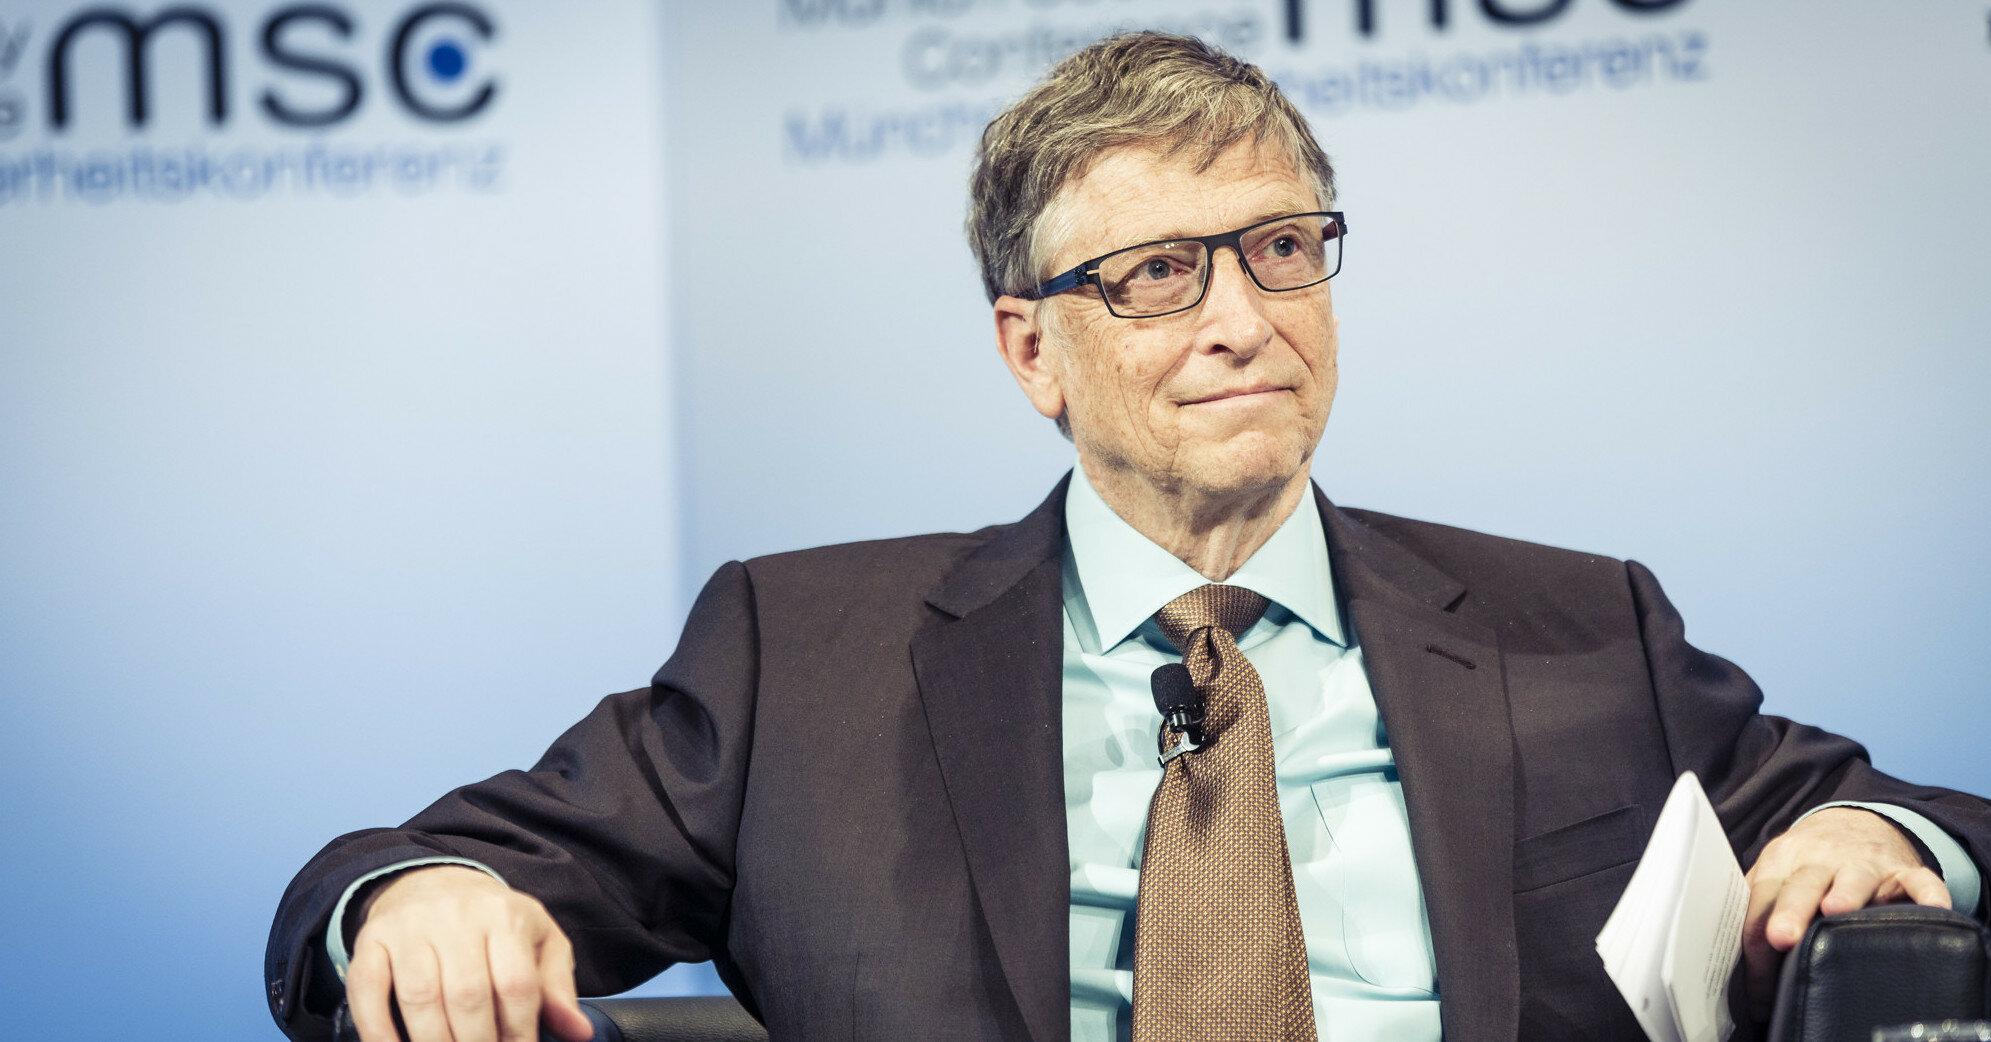 Секс-скандал с Гейтсом поставил под угрозу Microsoft